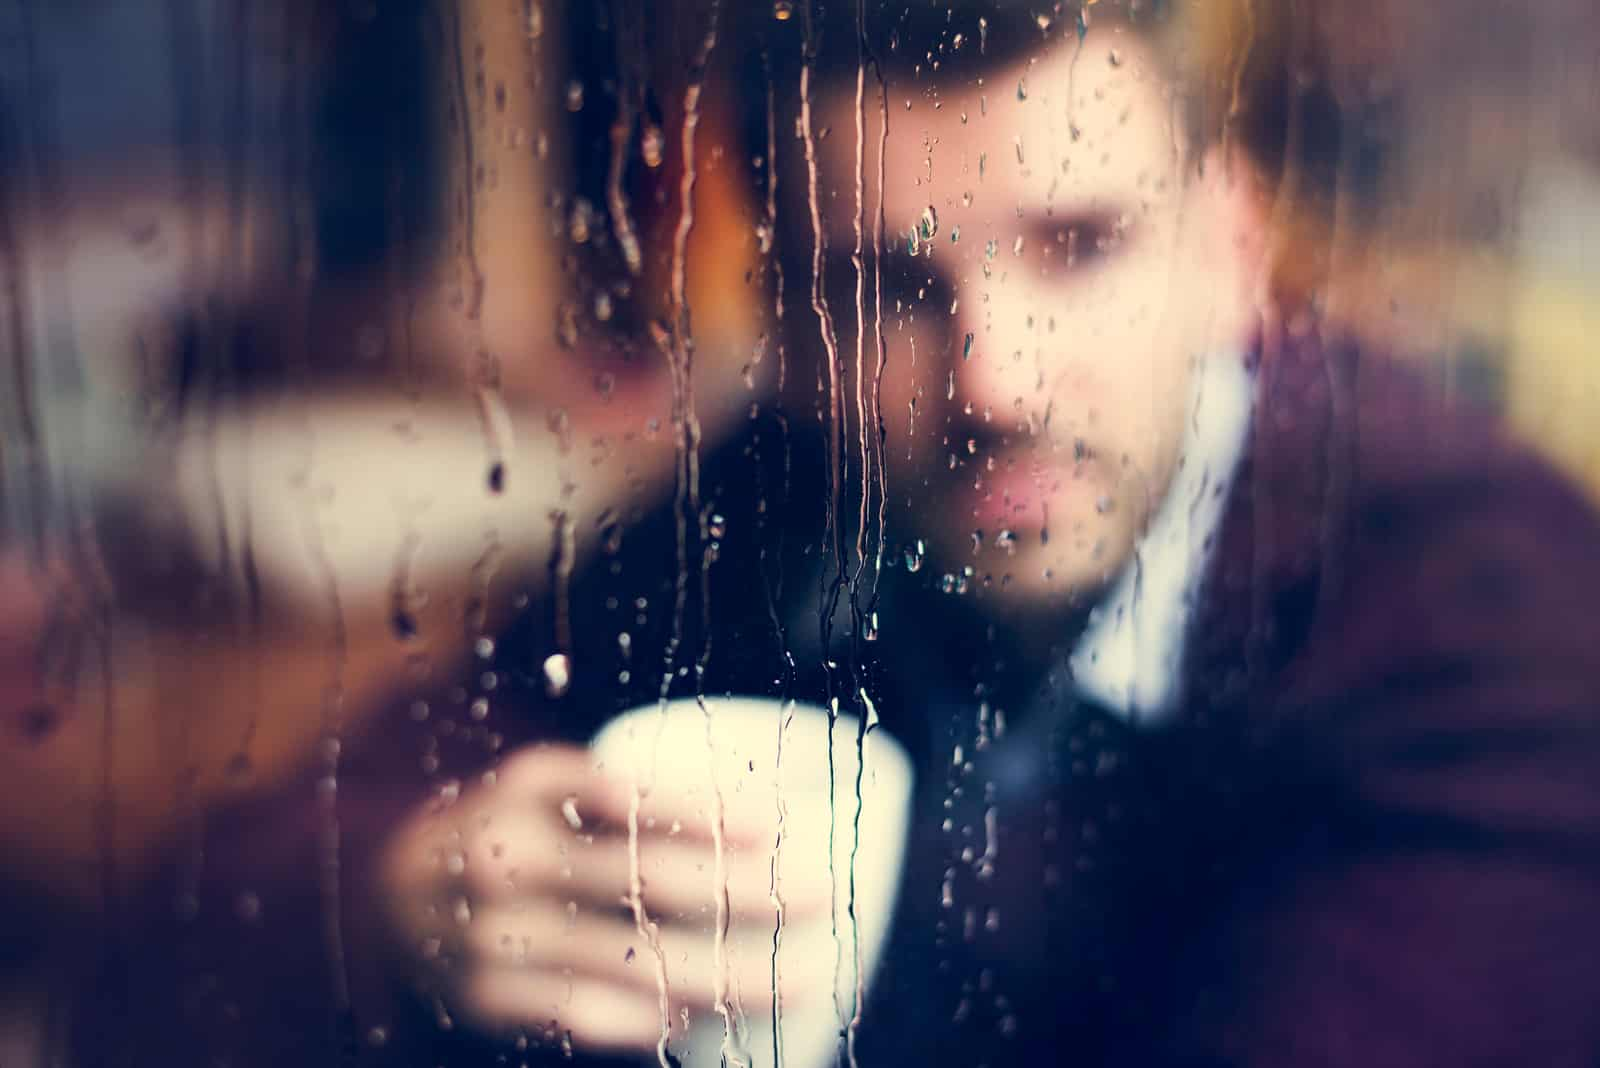 l'homme s'assoit et boit du café